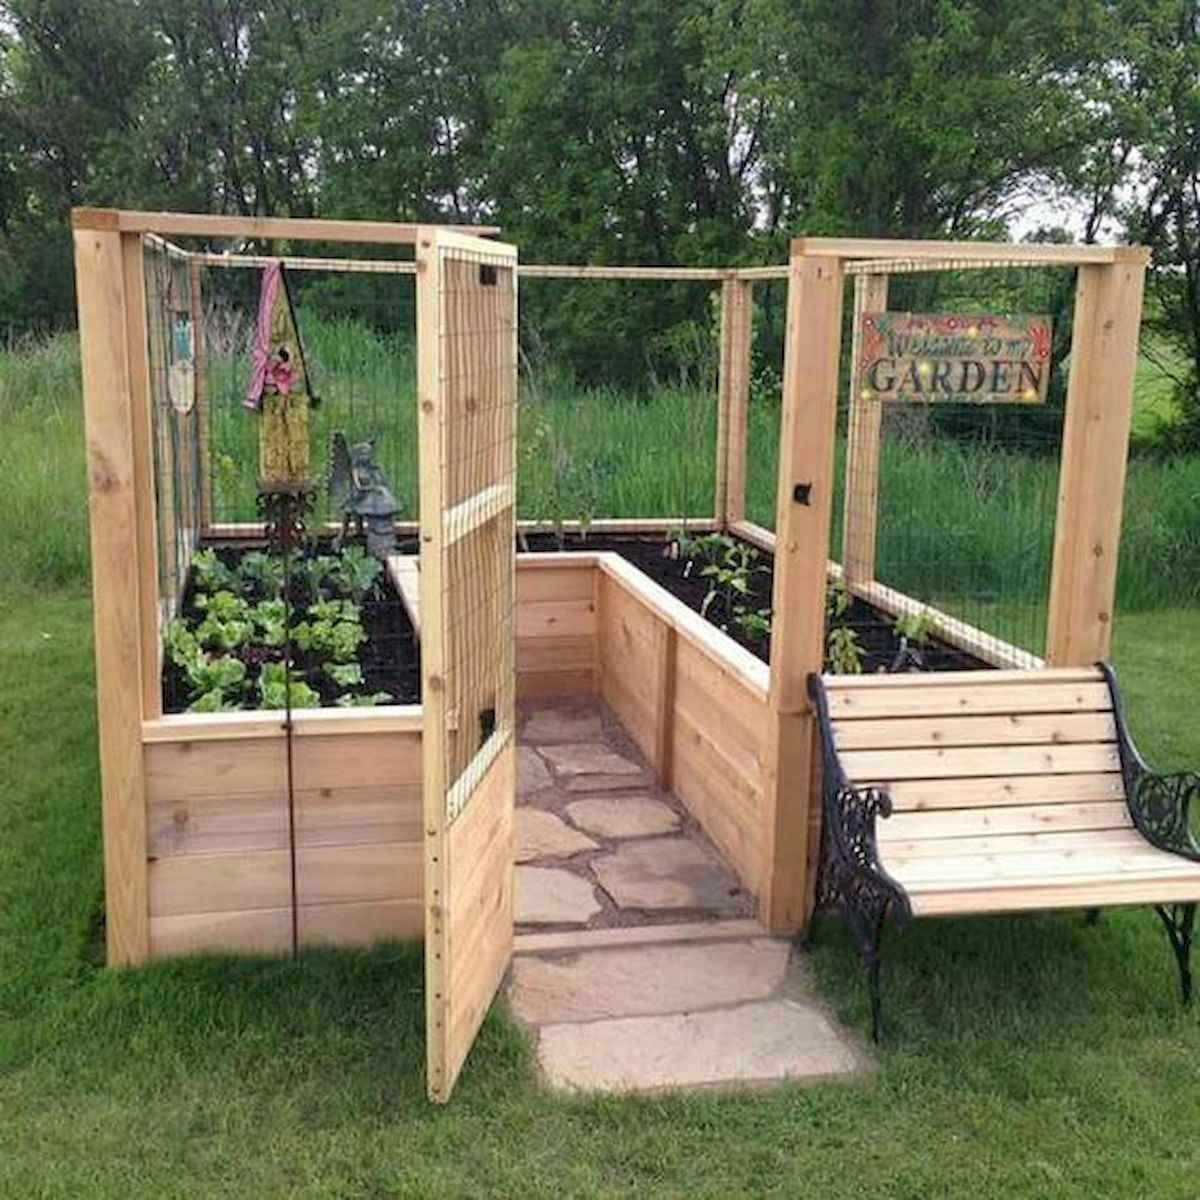 25 Easy DIY Vegetable Garden Small Spaces Design Ideas For